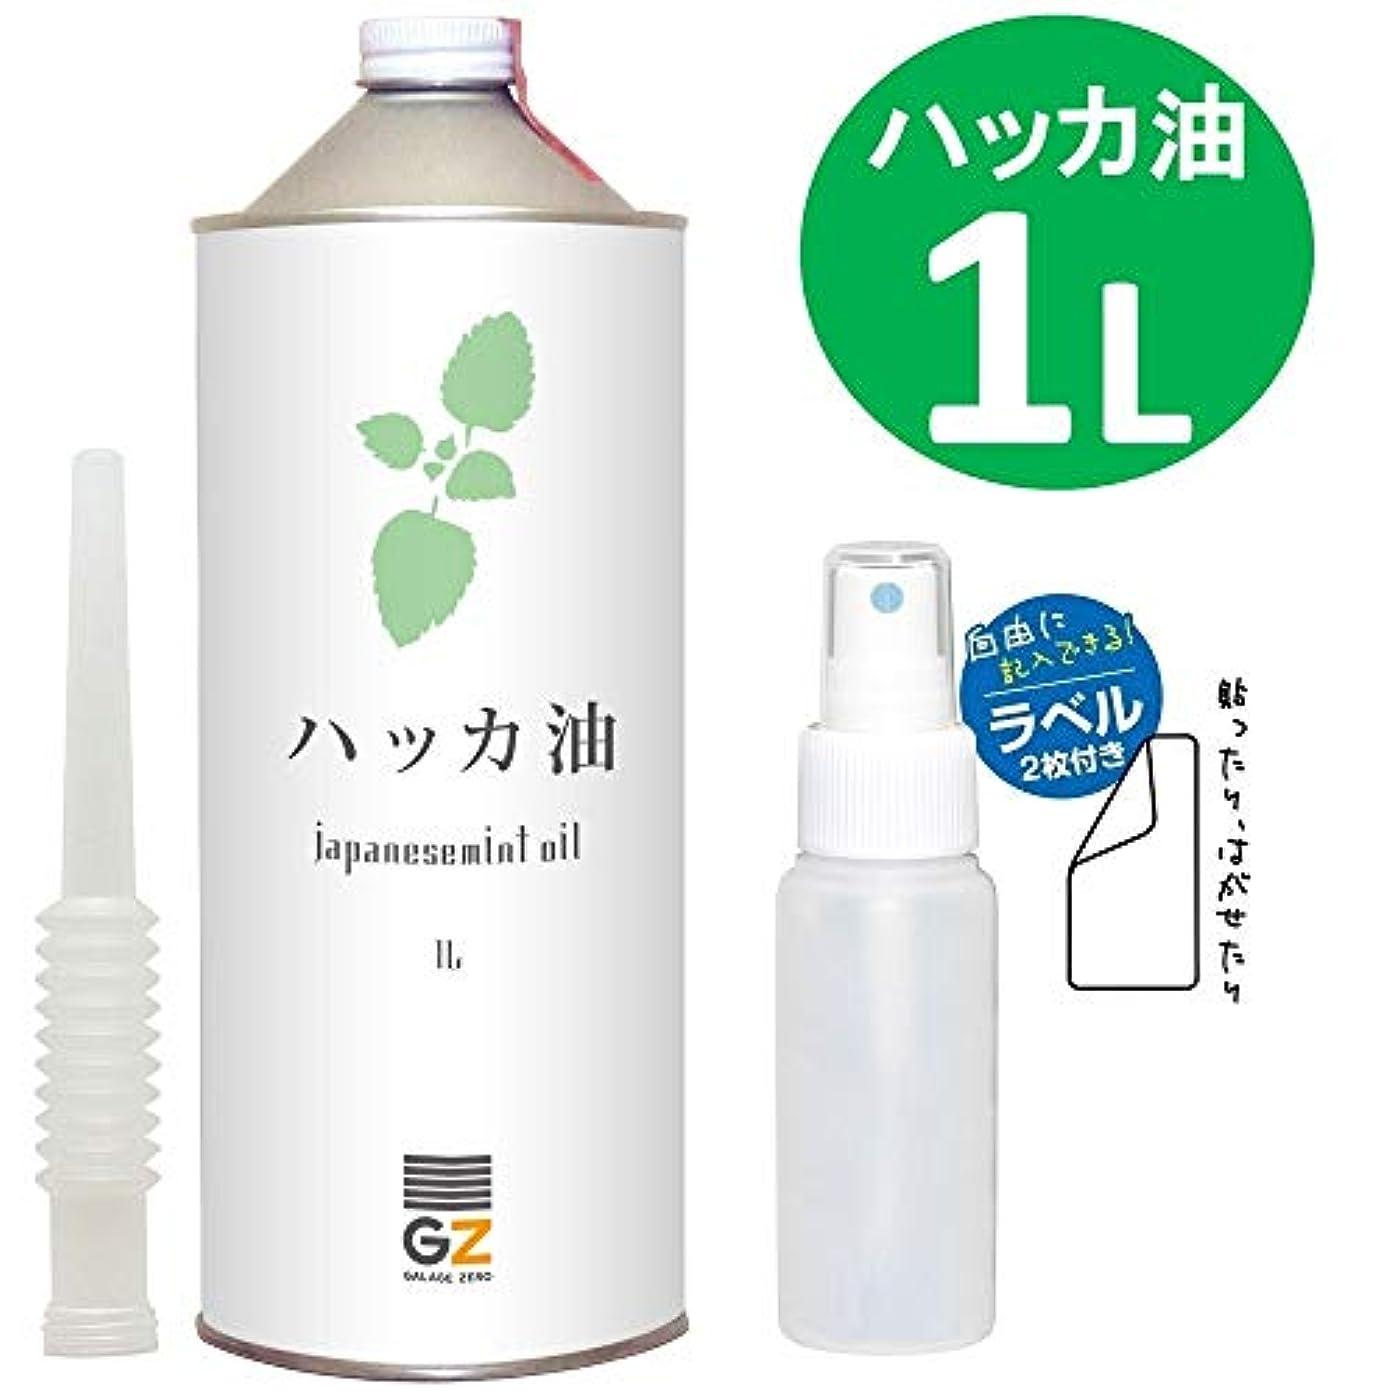 万歳肌申し立てるガレージ?ゼロ ハッカ油 1L(GZAK14)+50mlPEスプレーボトル/和種薄荷/ジャパニーズミント GSE531